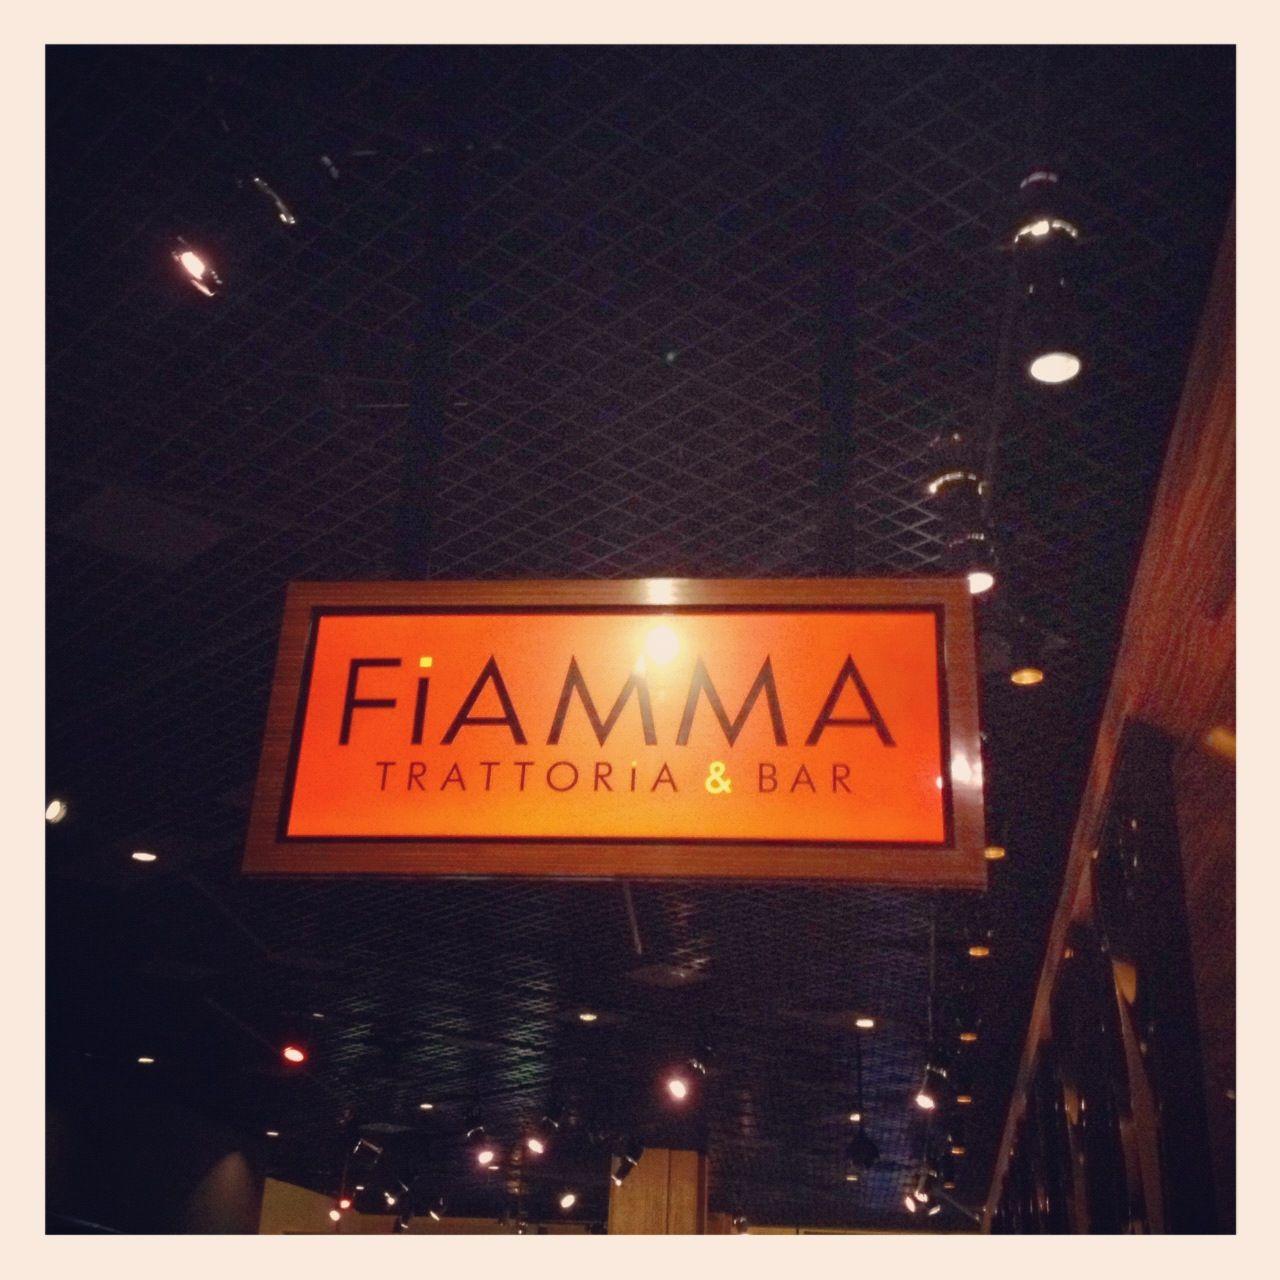 Las Vegas Restaurant: Fiamma Las Vegas